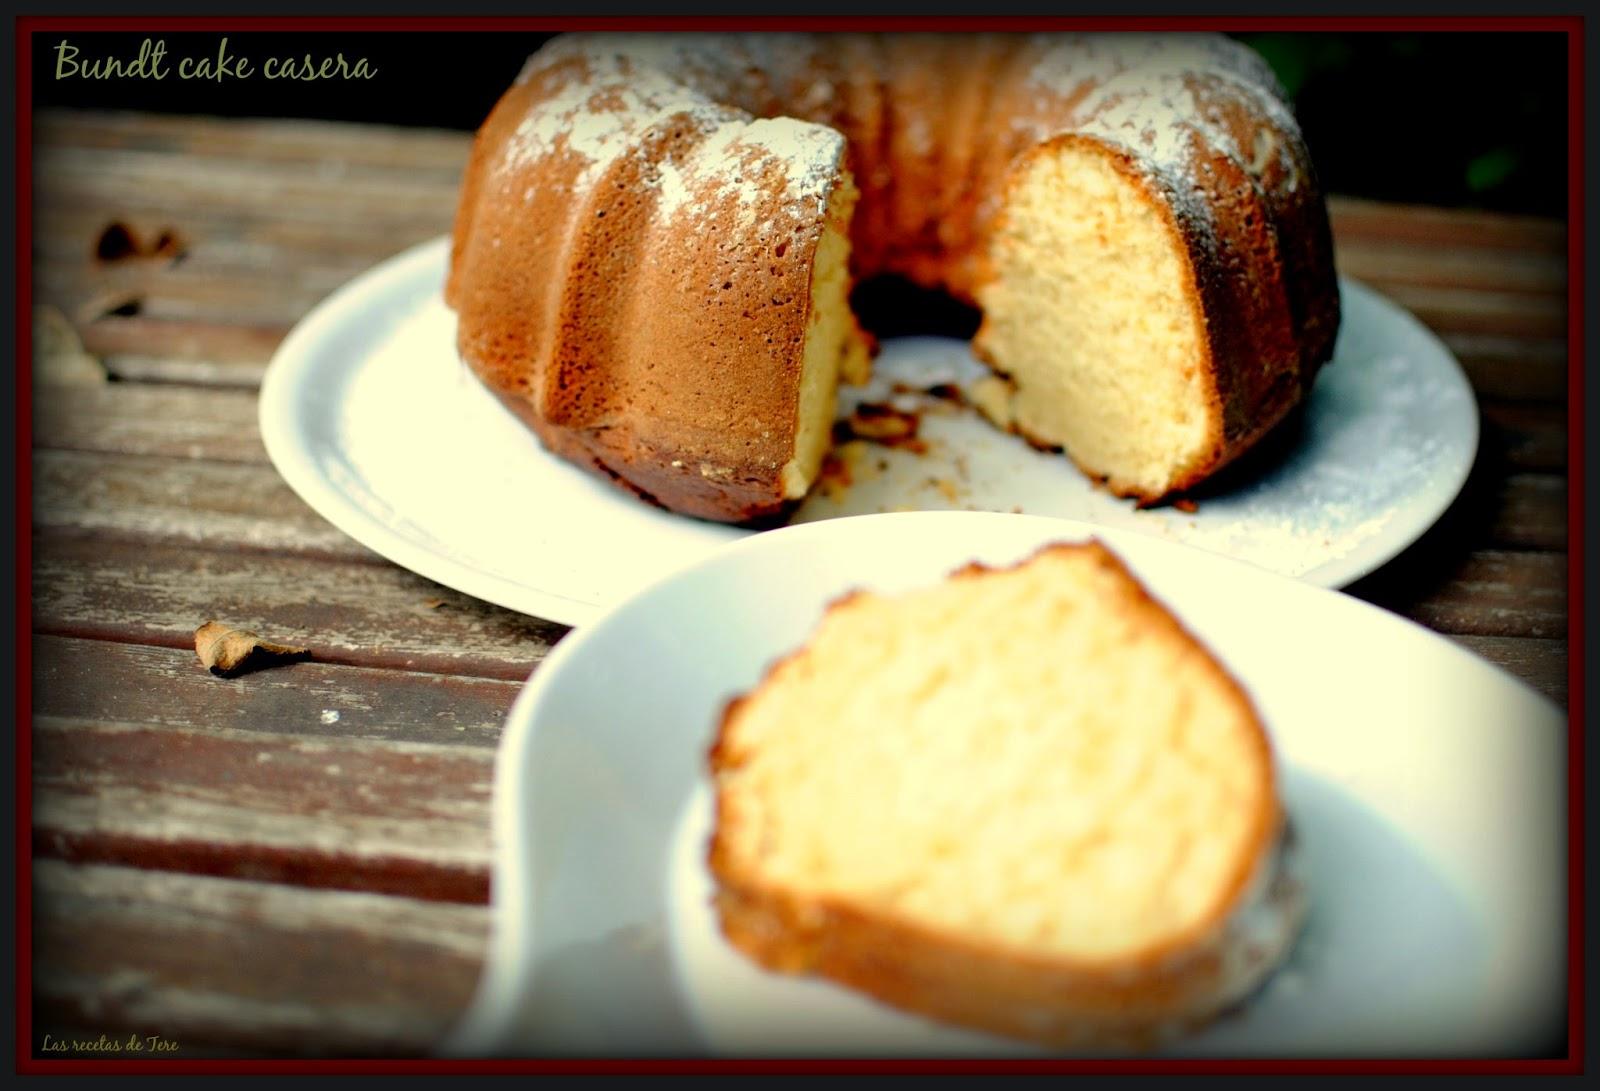 bundt cake casera las recetas de tere 07